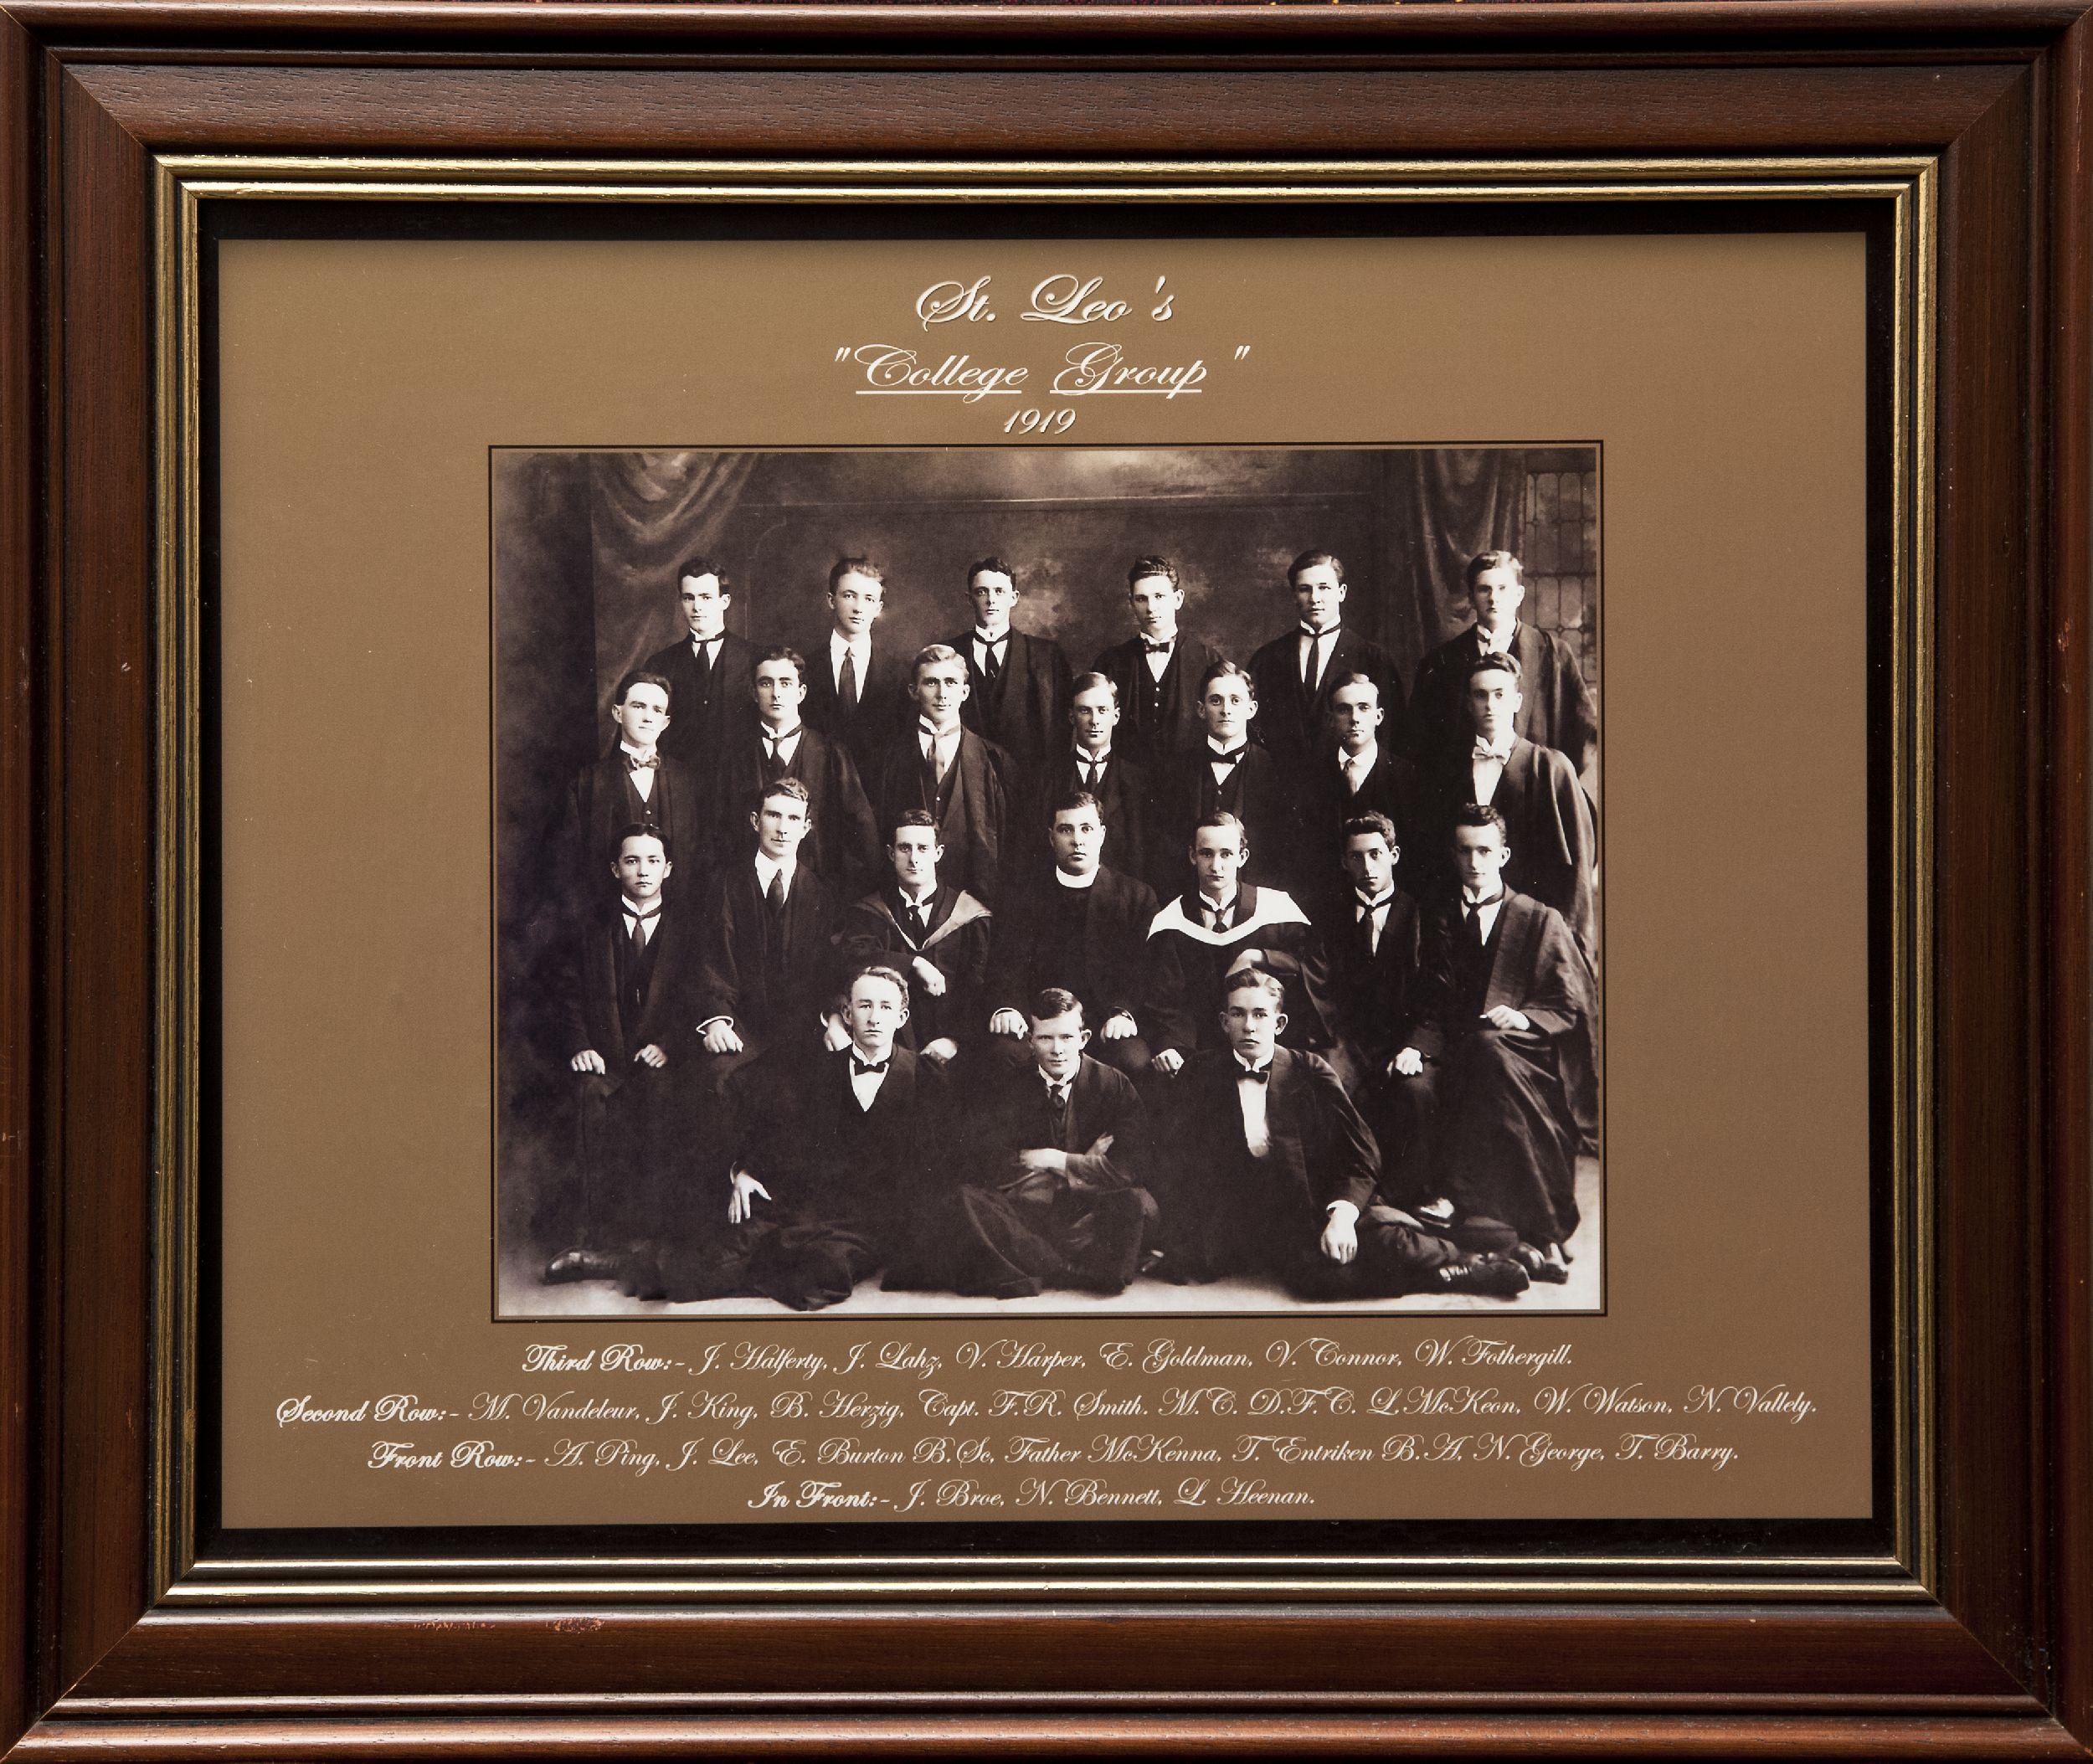 st leos college 1919